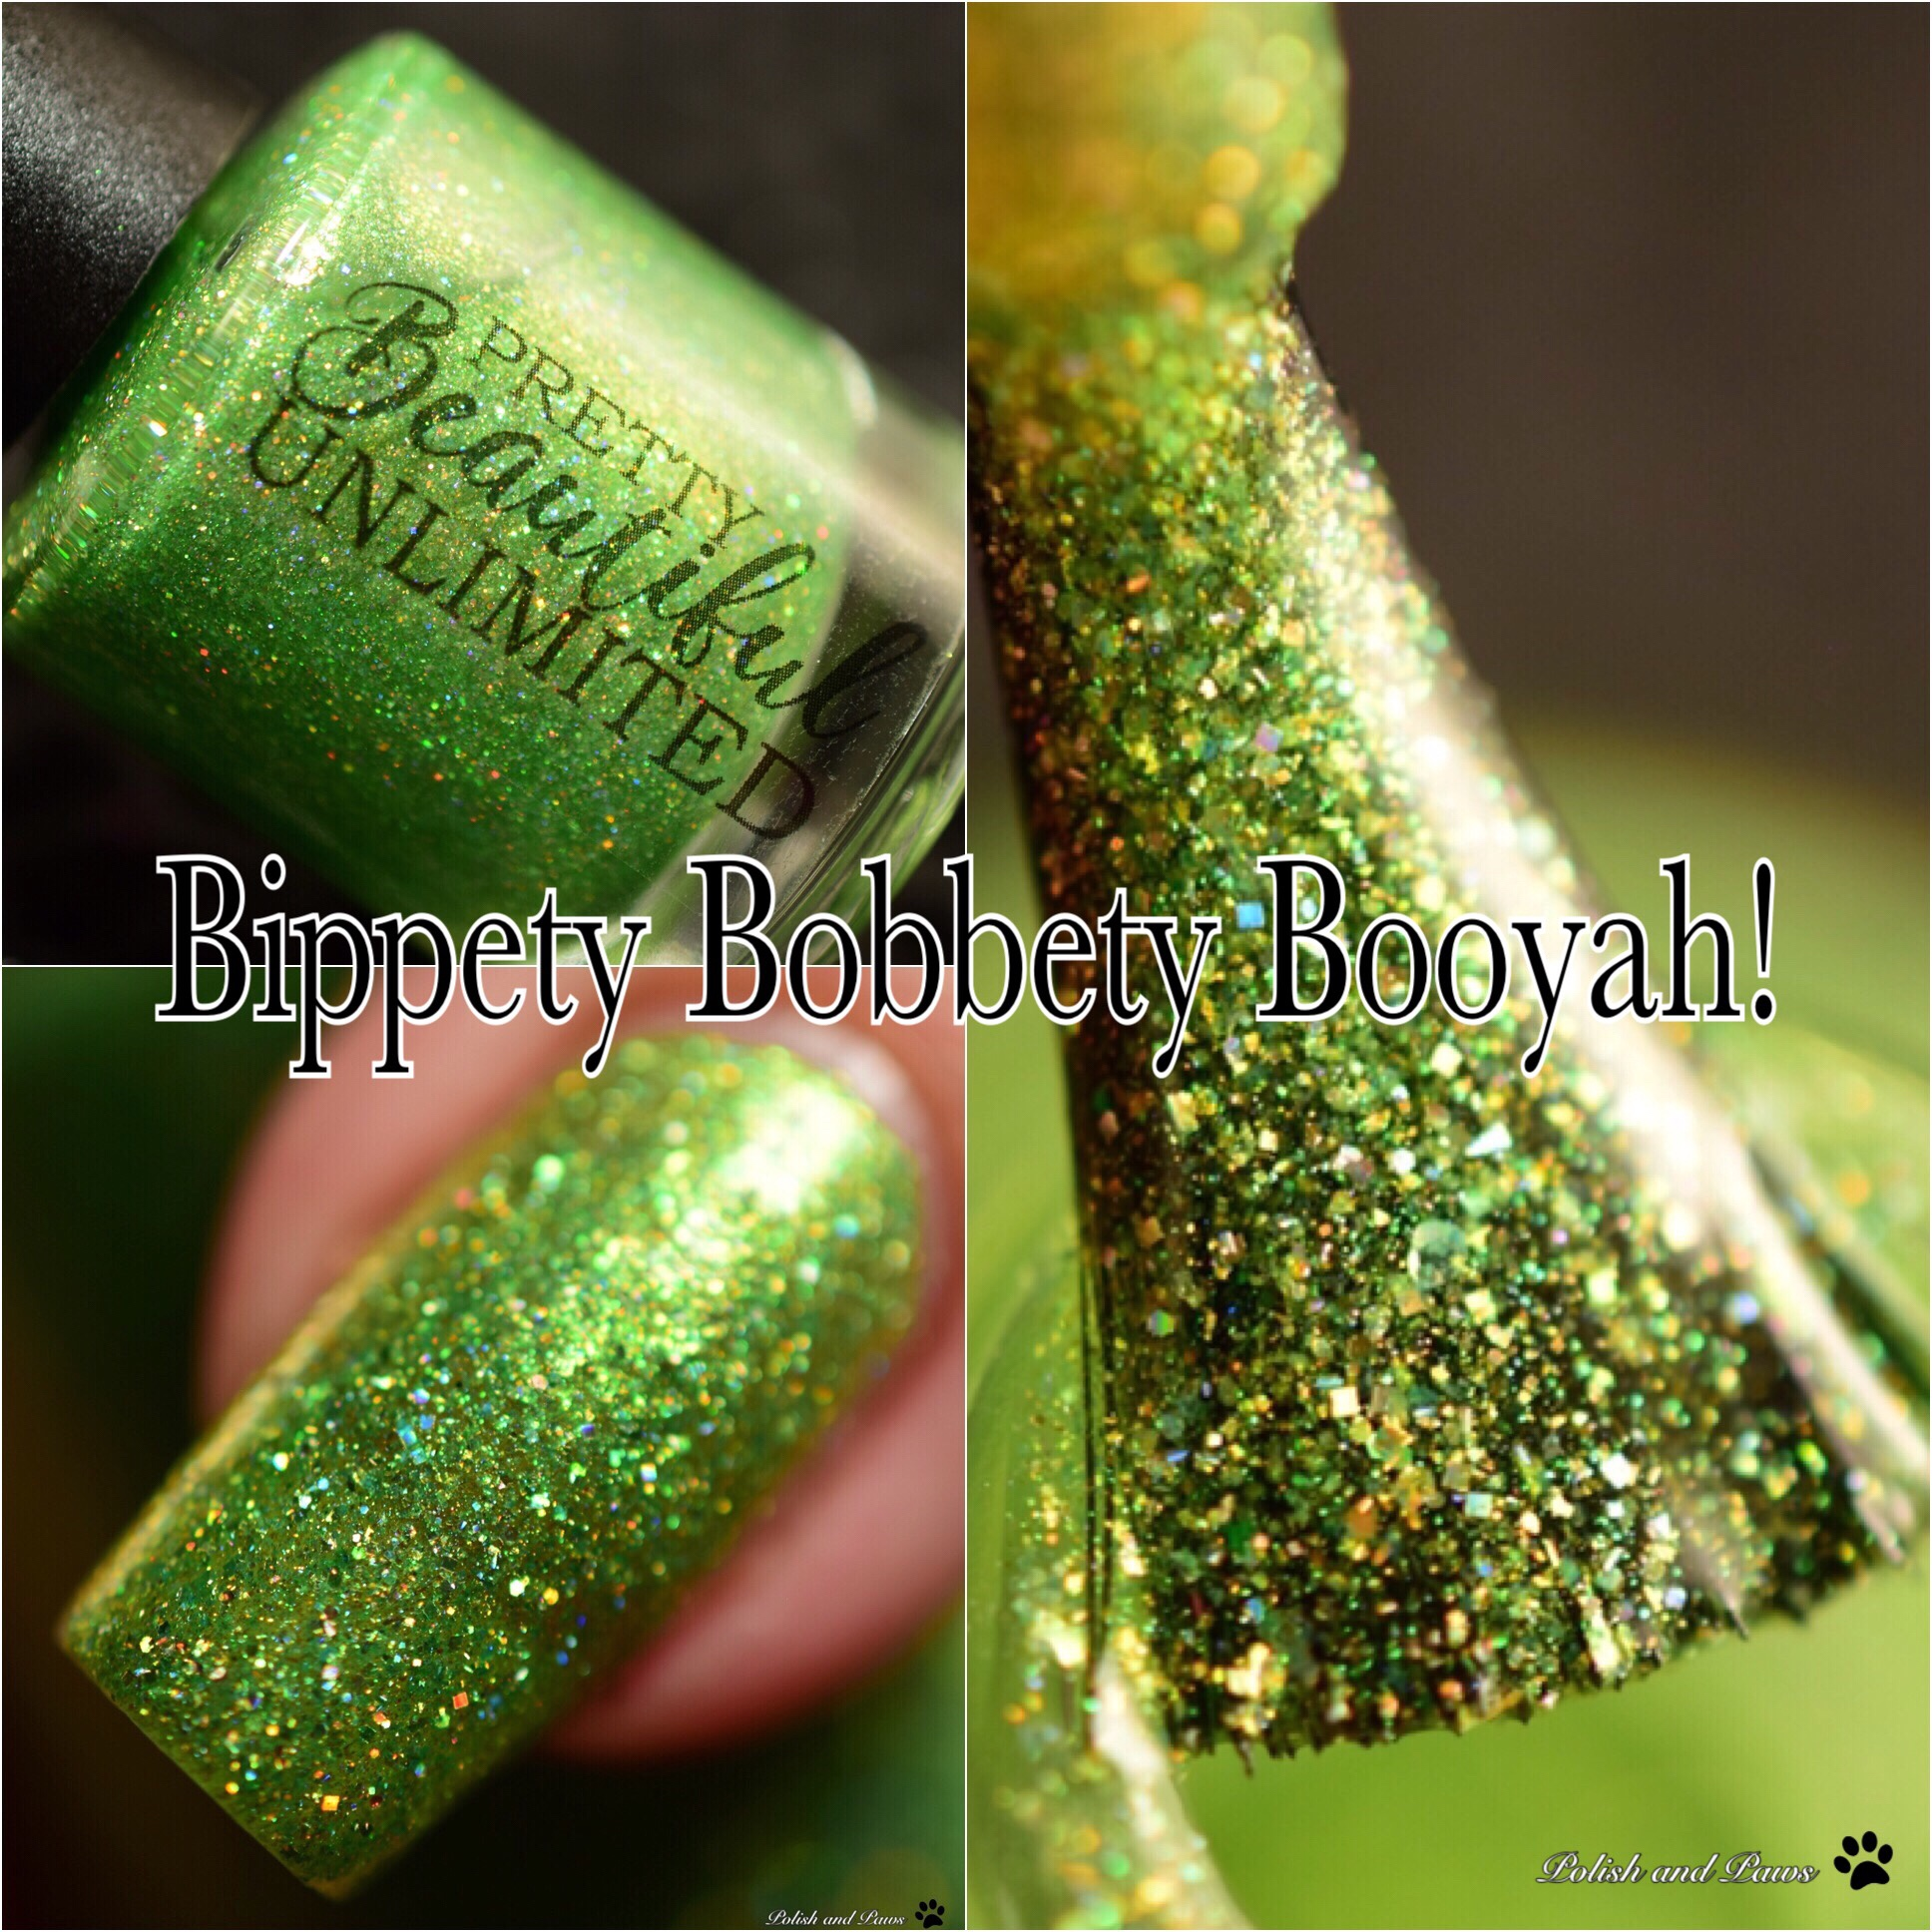 Pretty Beautiful Unlimited Bippety Bobbety Booyah